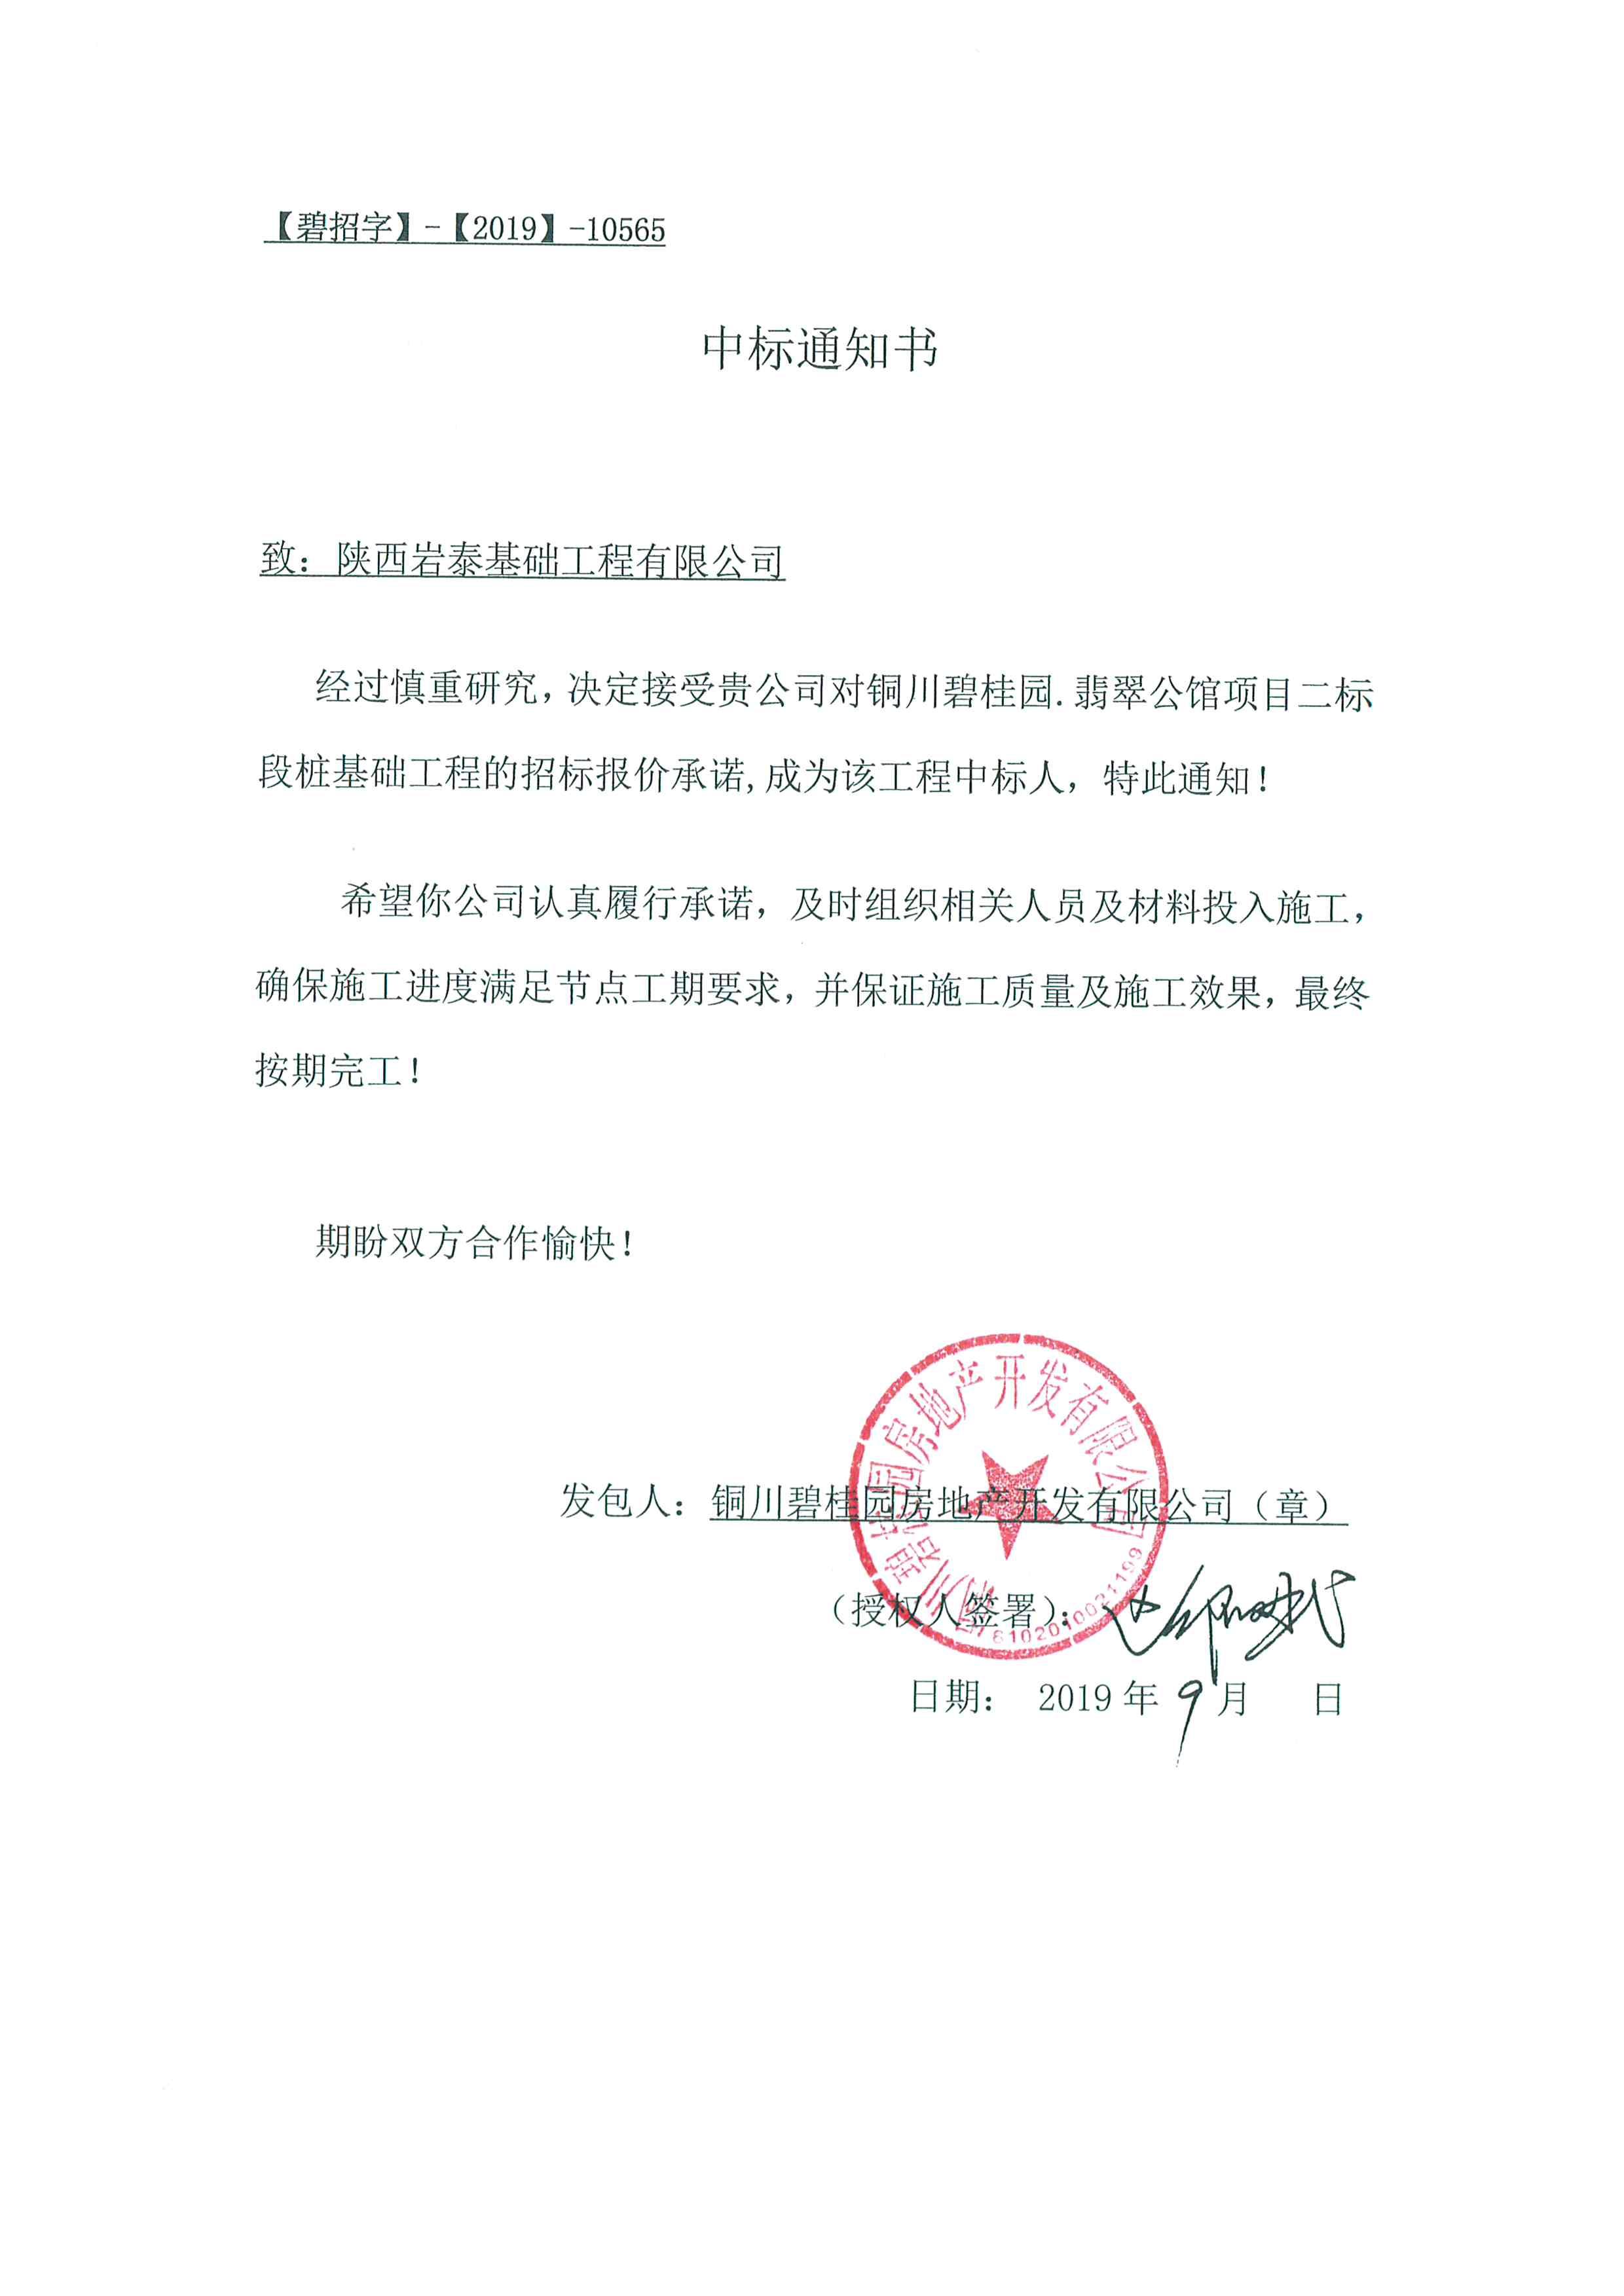 中标!铜川碧桂园翡翠公馆二标段桩基础工程